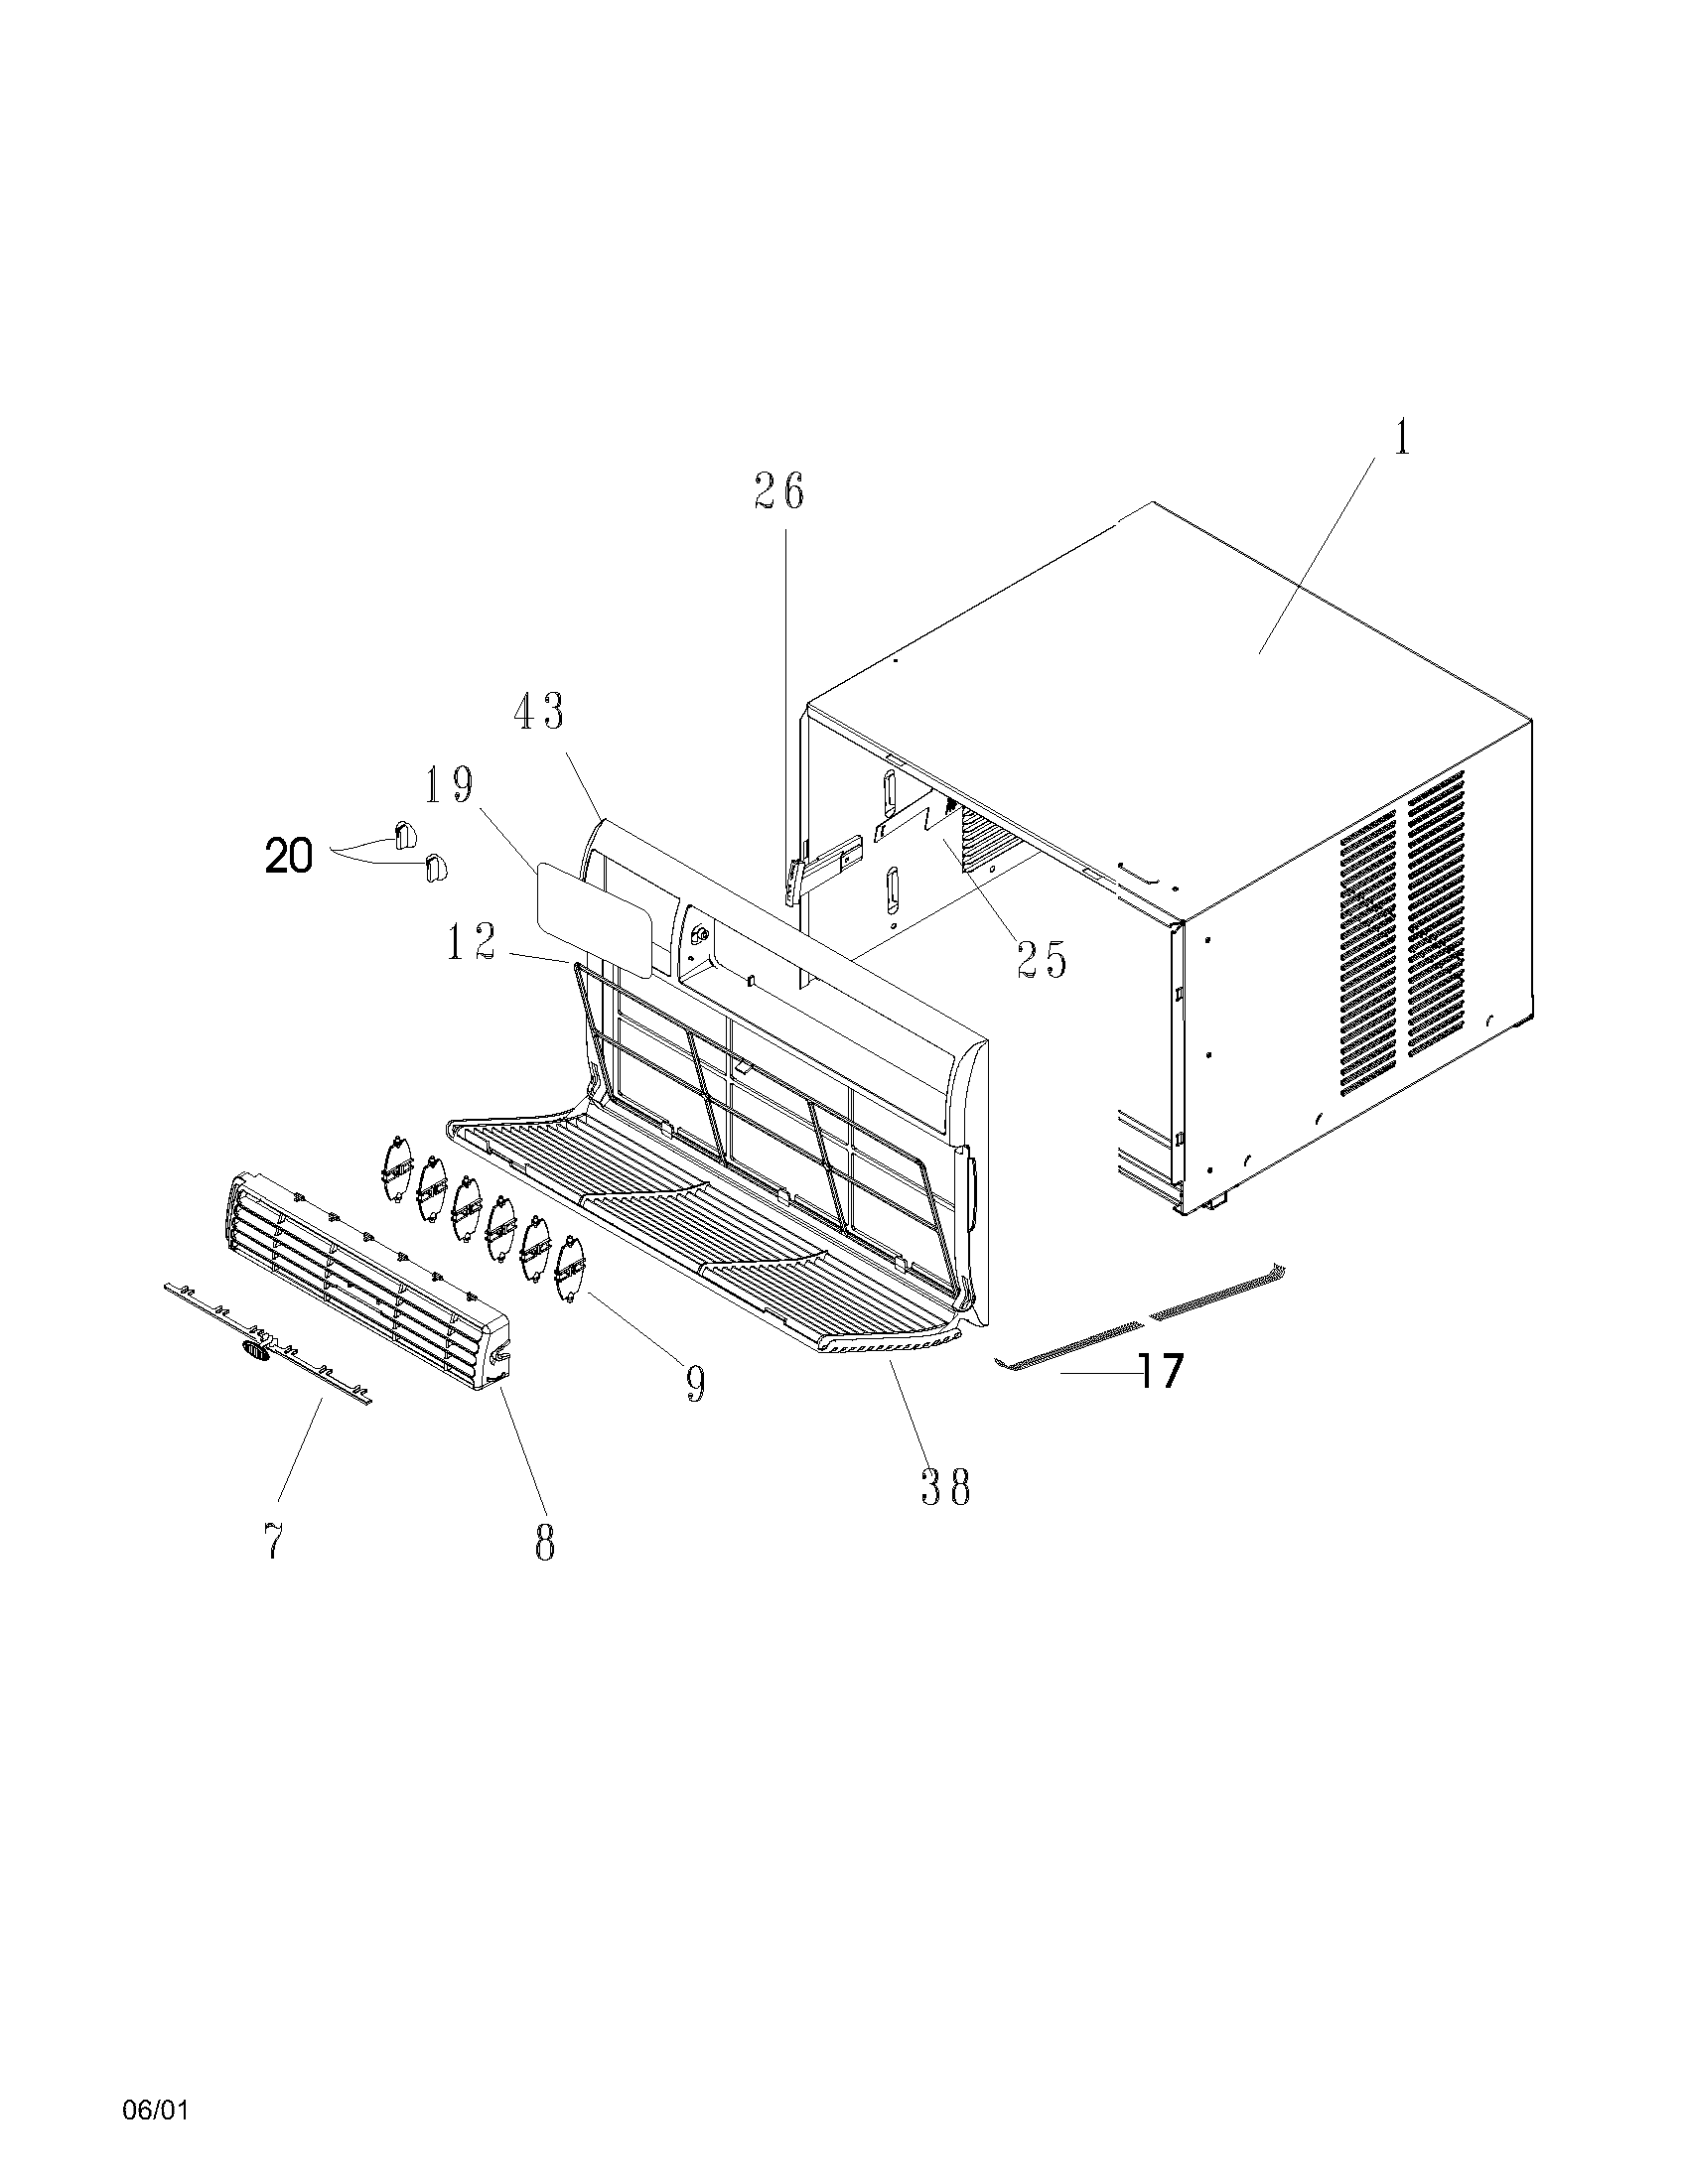 Frigidaire Air Conditioner: September 2016